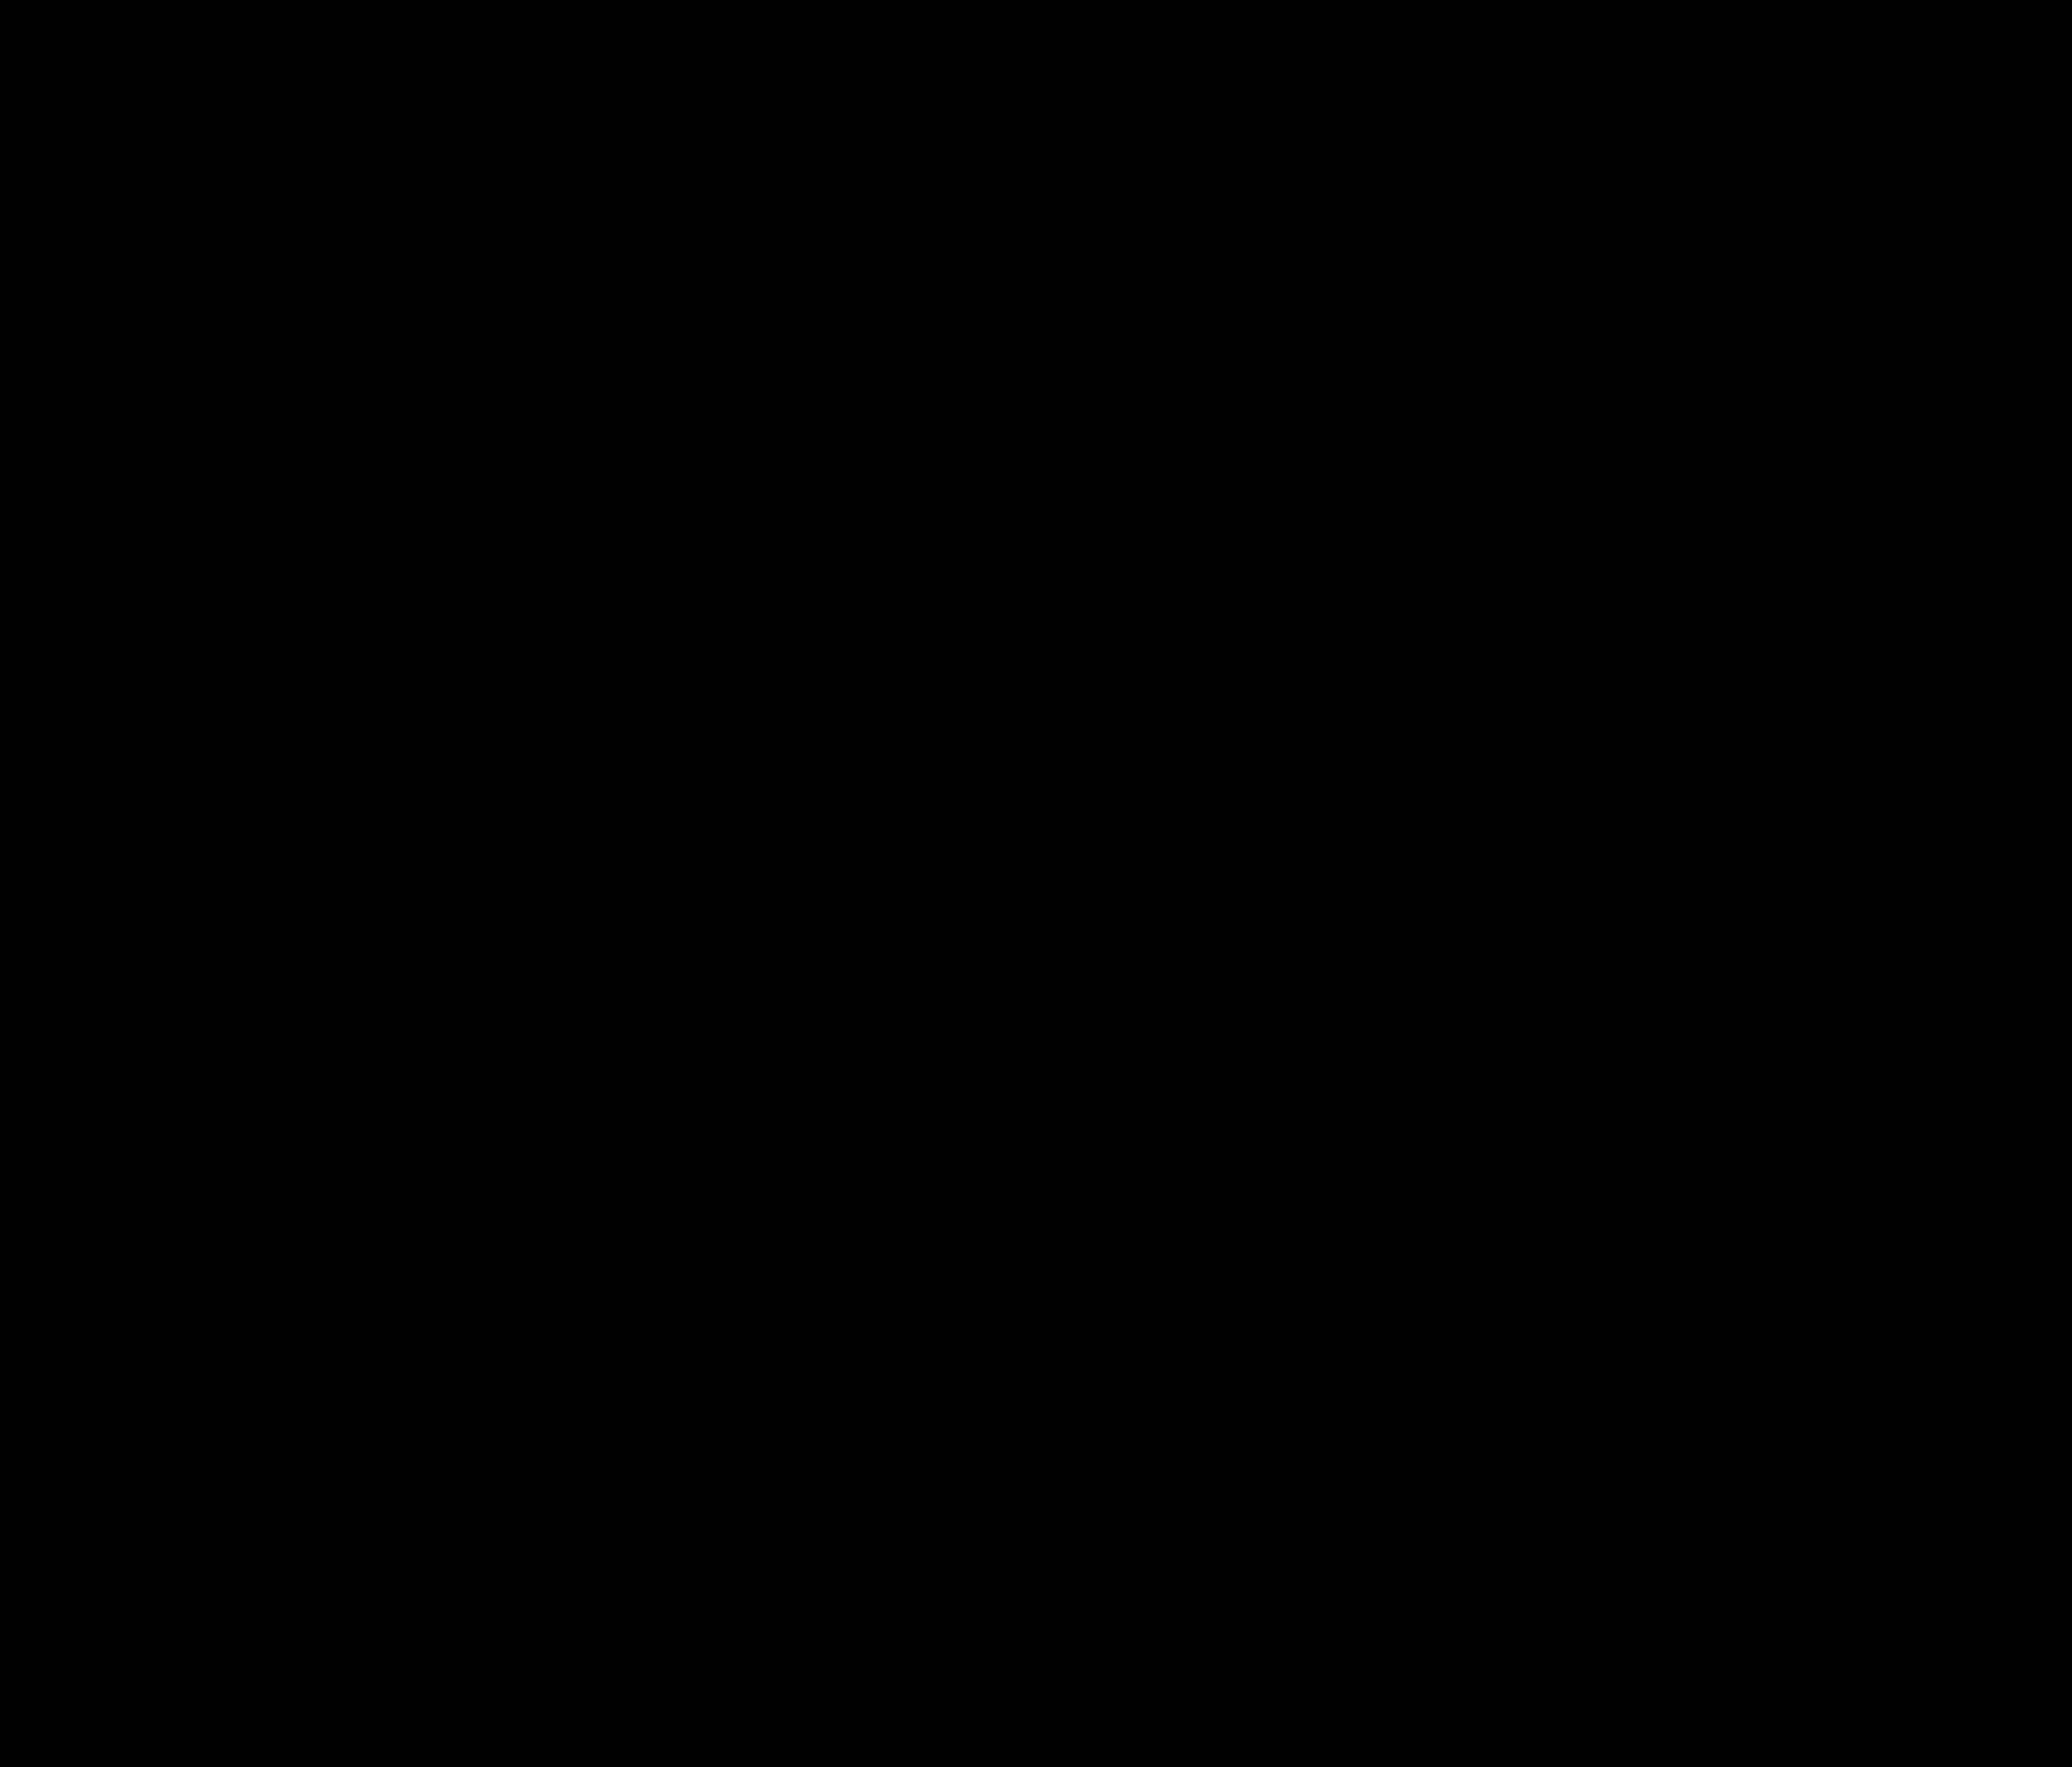 Regionssportbund